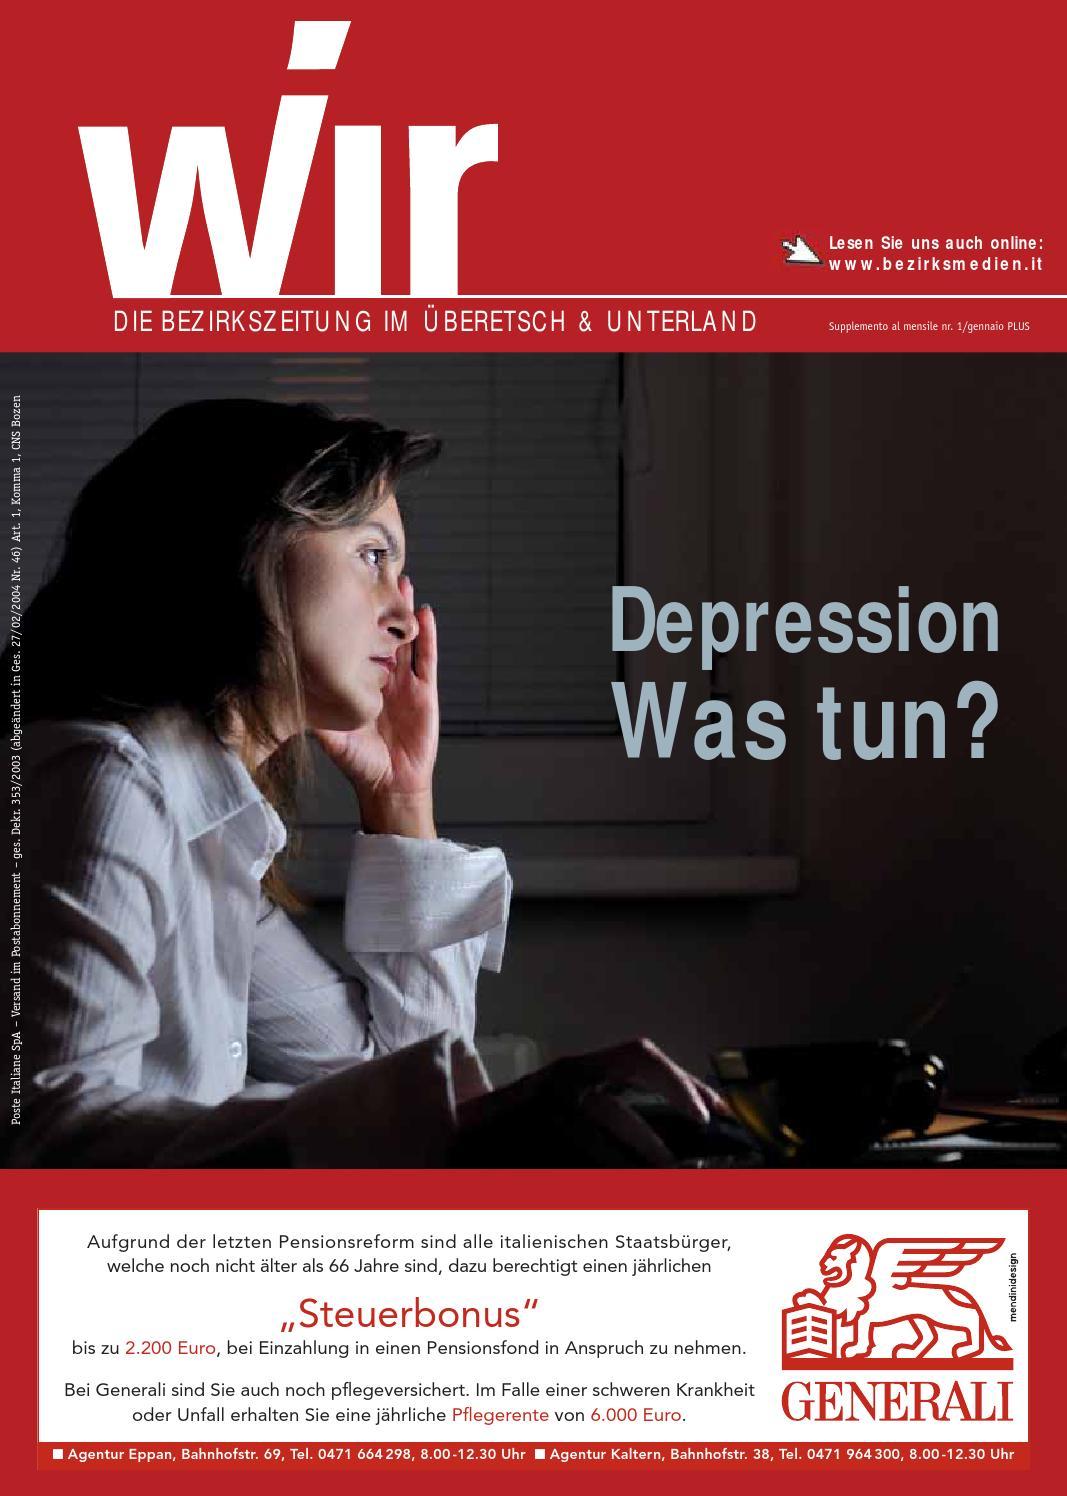 WIR Nr. 02 vom 11/02/2016 by Bezirksmedien GmbH - issuu